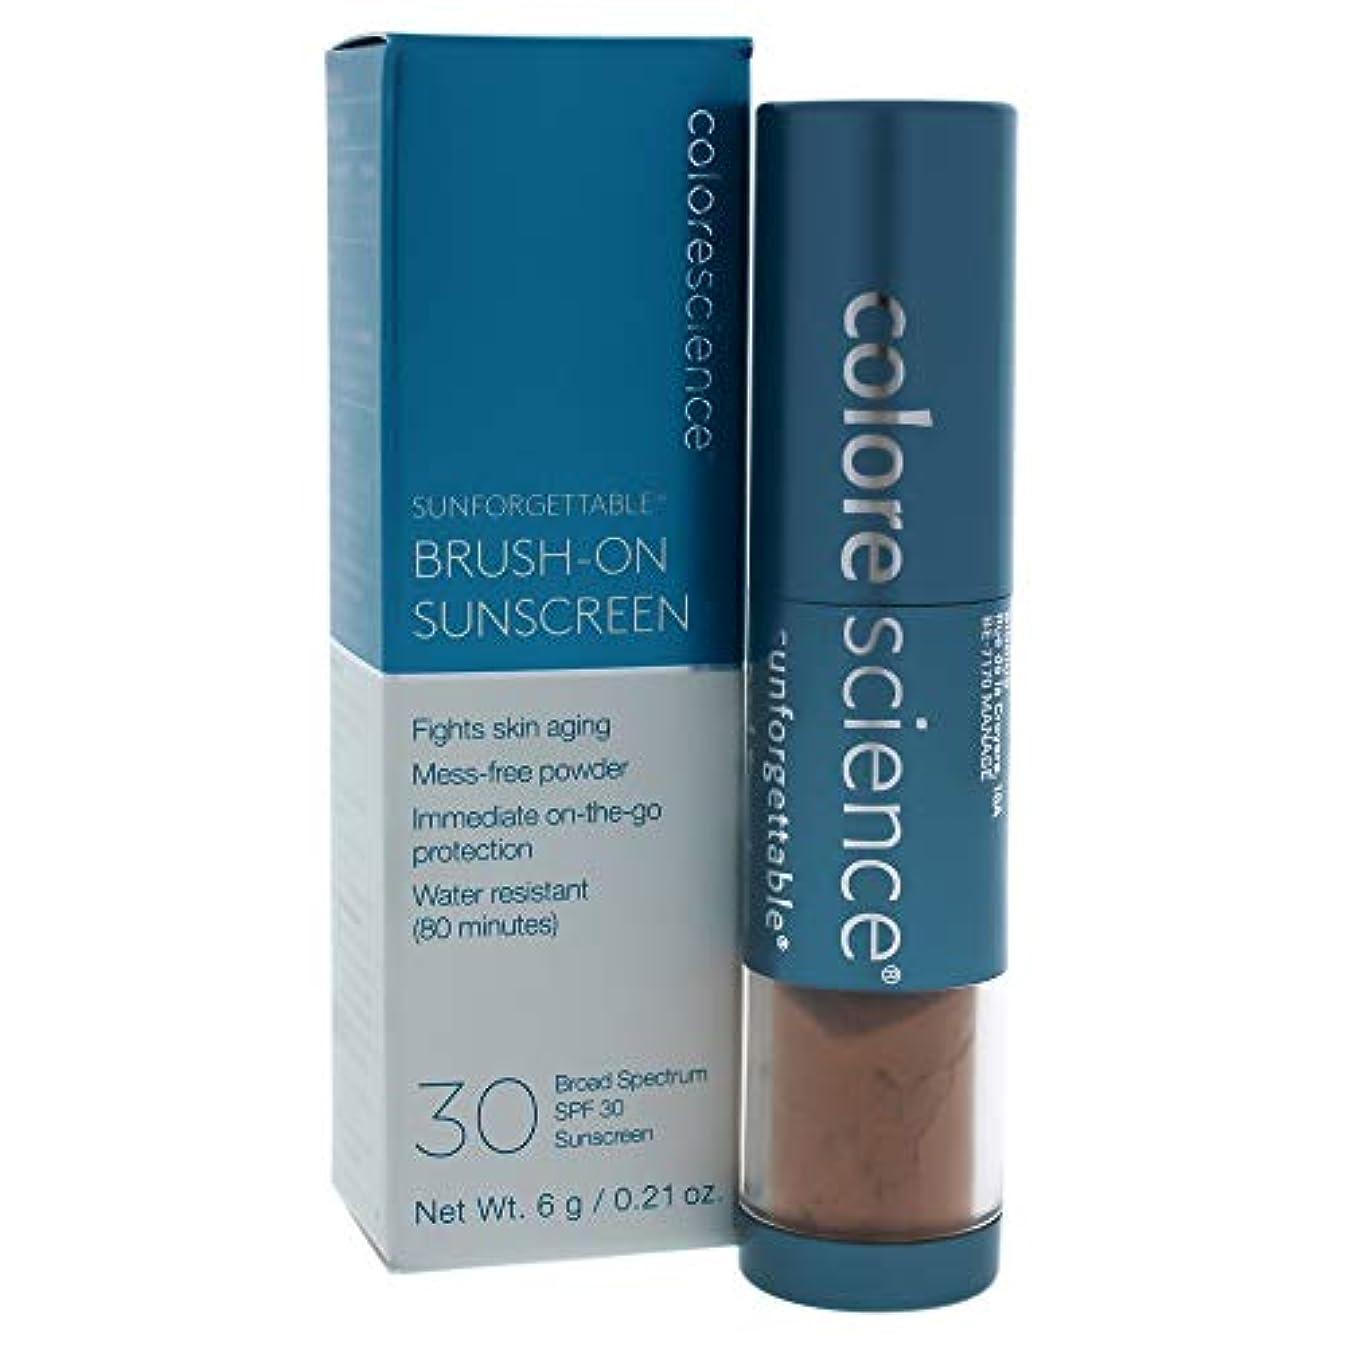 パテライム思い出させるSunforgettable Brush-On Sunscreen SPF 30 - Deep